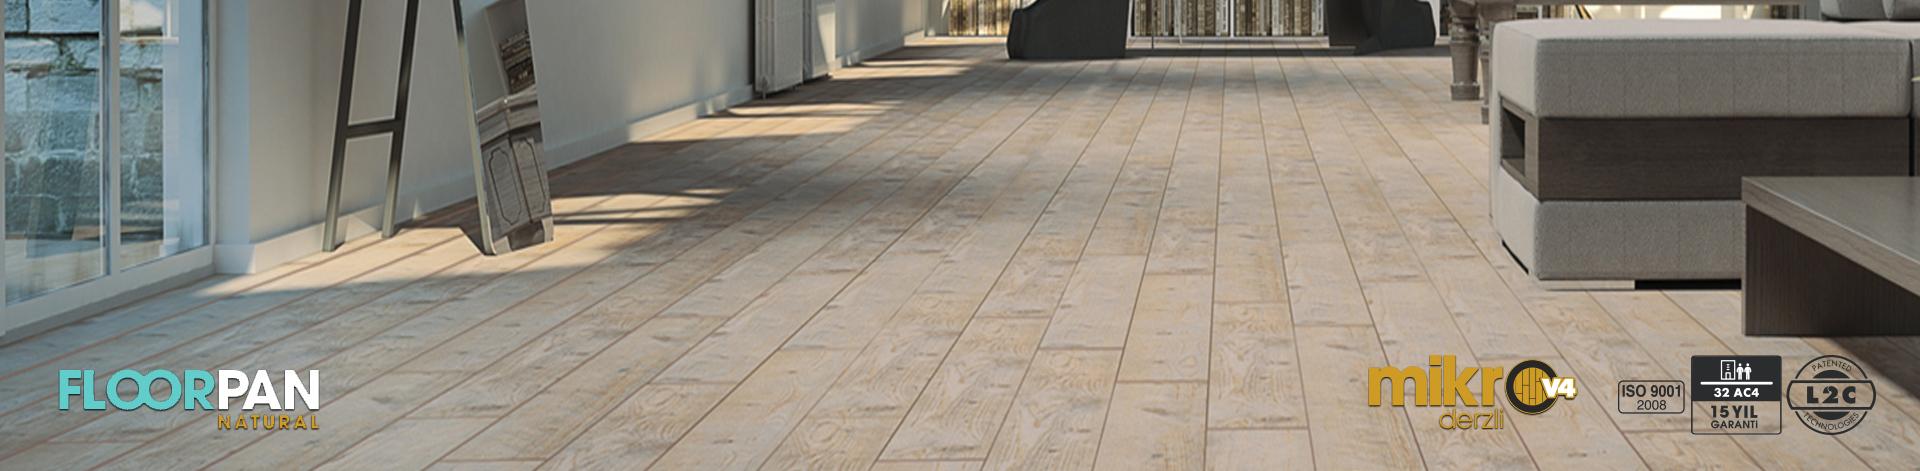 floorpan-natural-siteler